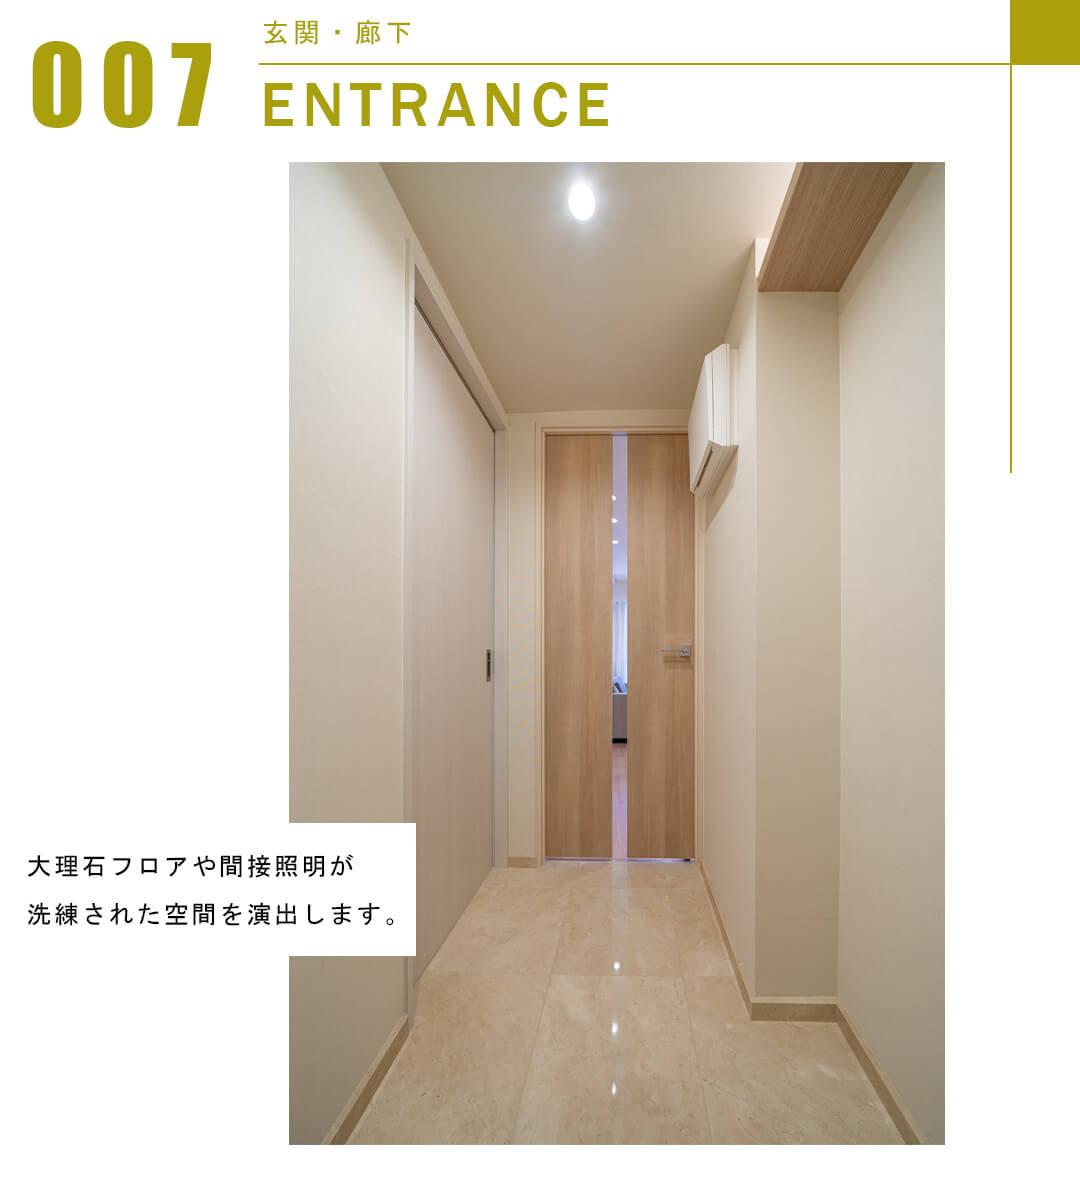 日神デュオステージ新宿中落合の廊下